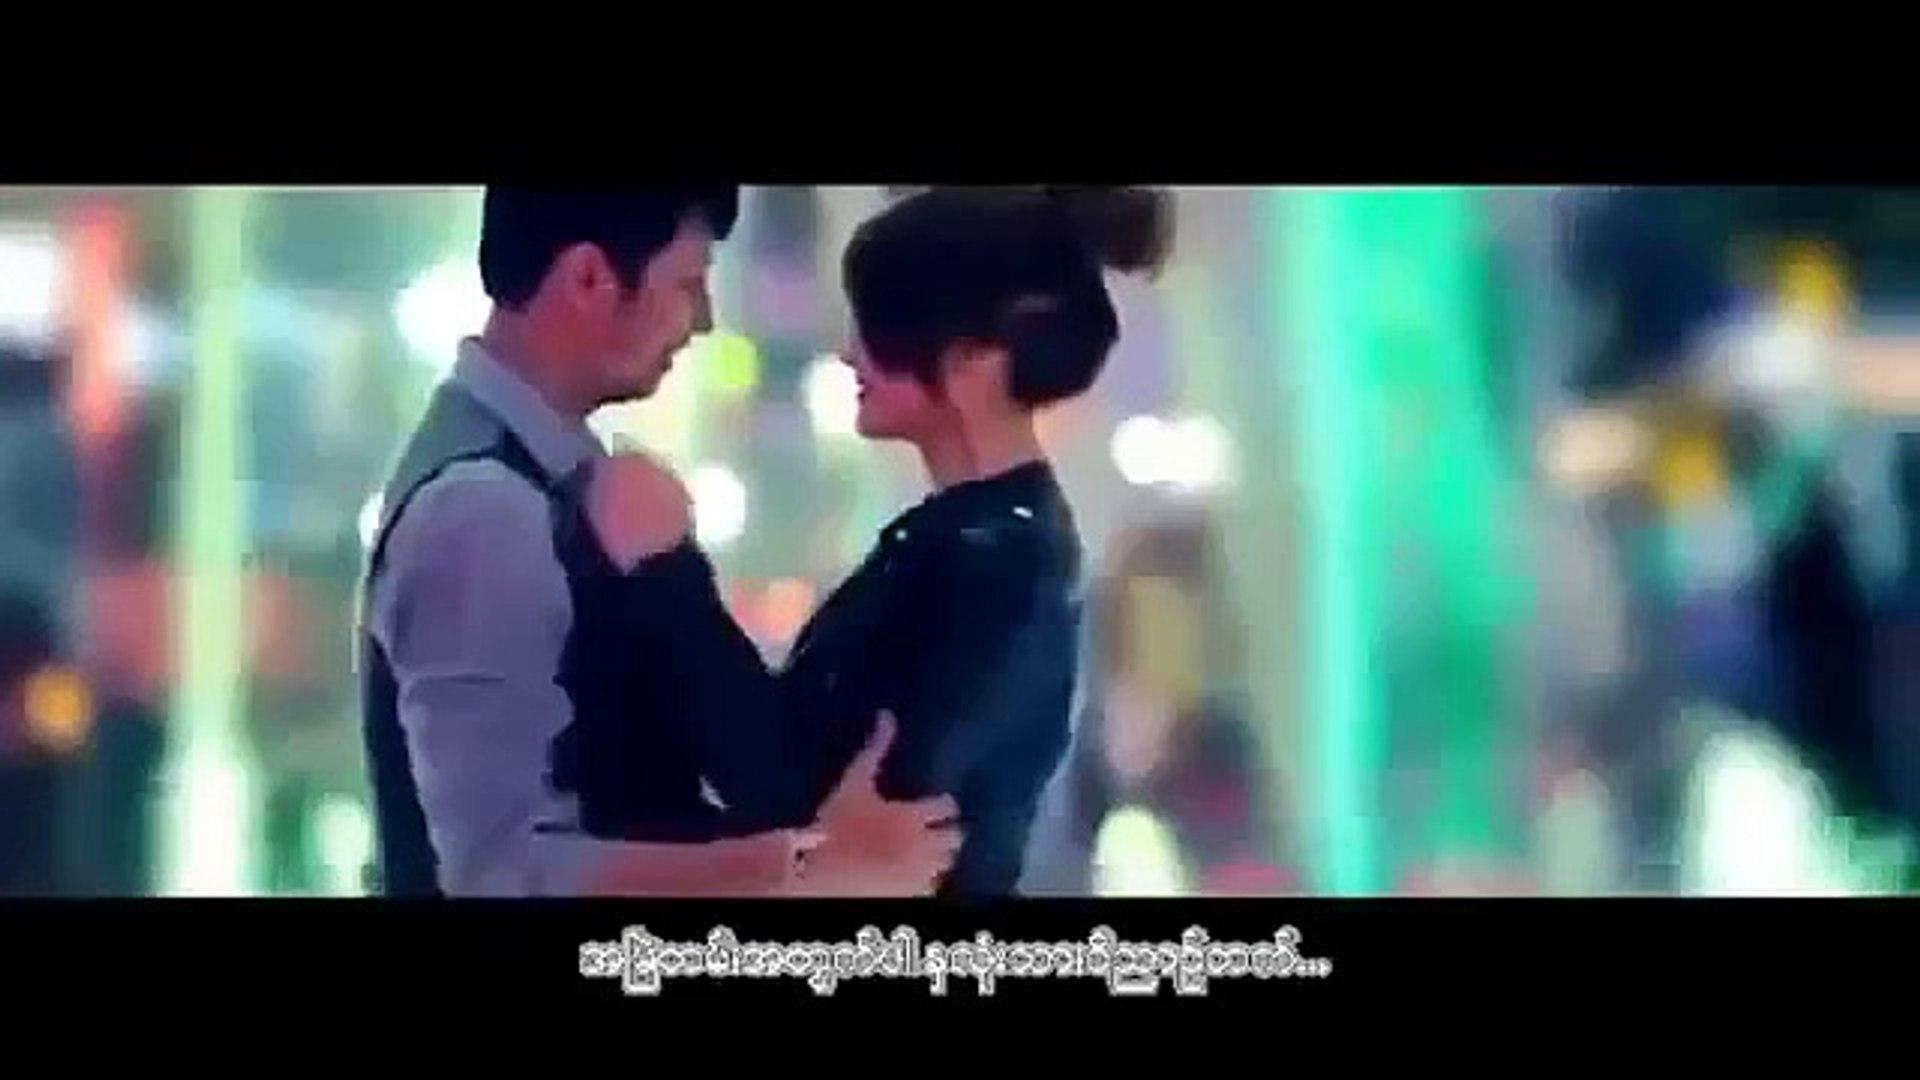 Wi Nyin Bat - Sai Sai Kham Hlaing Nanda Sai, Soe Wai Wai (Date Date